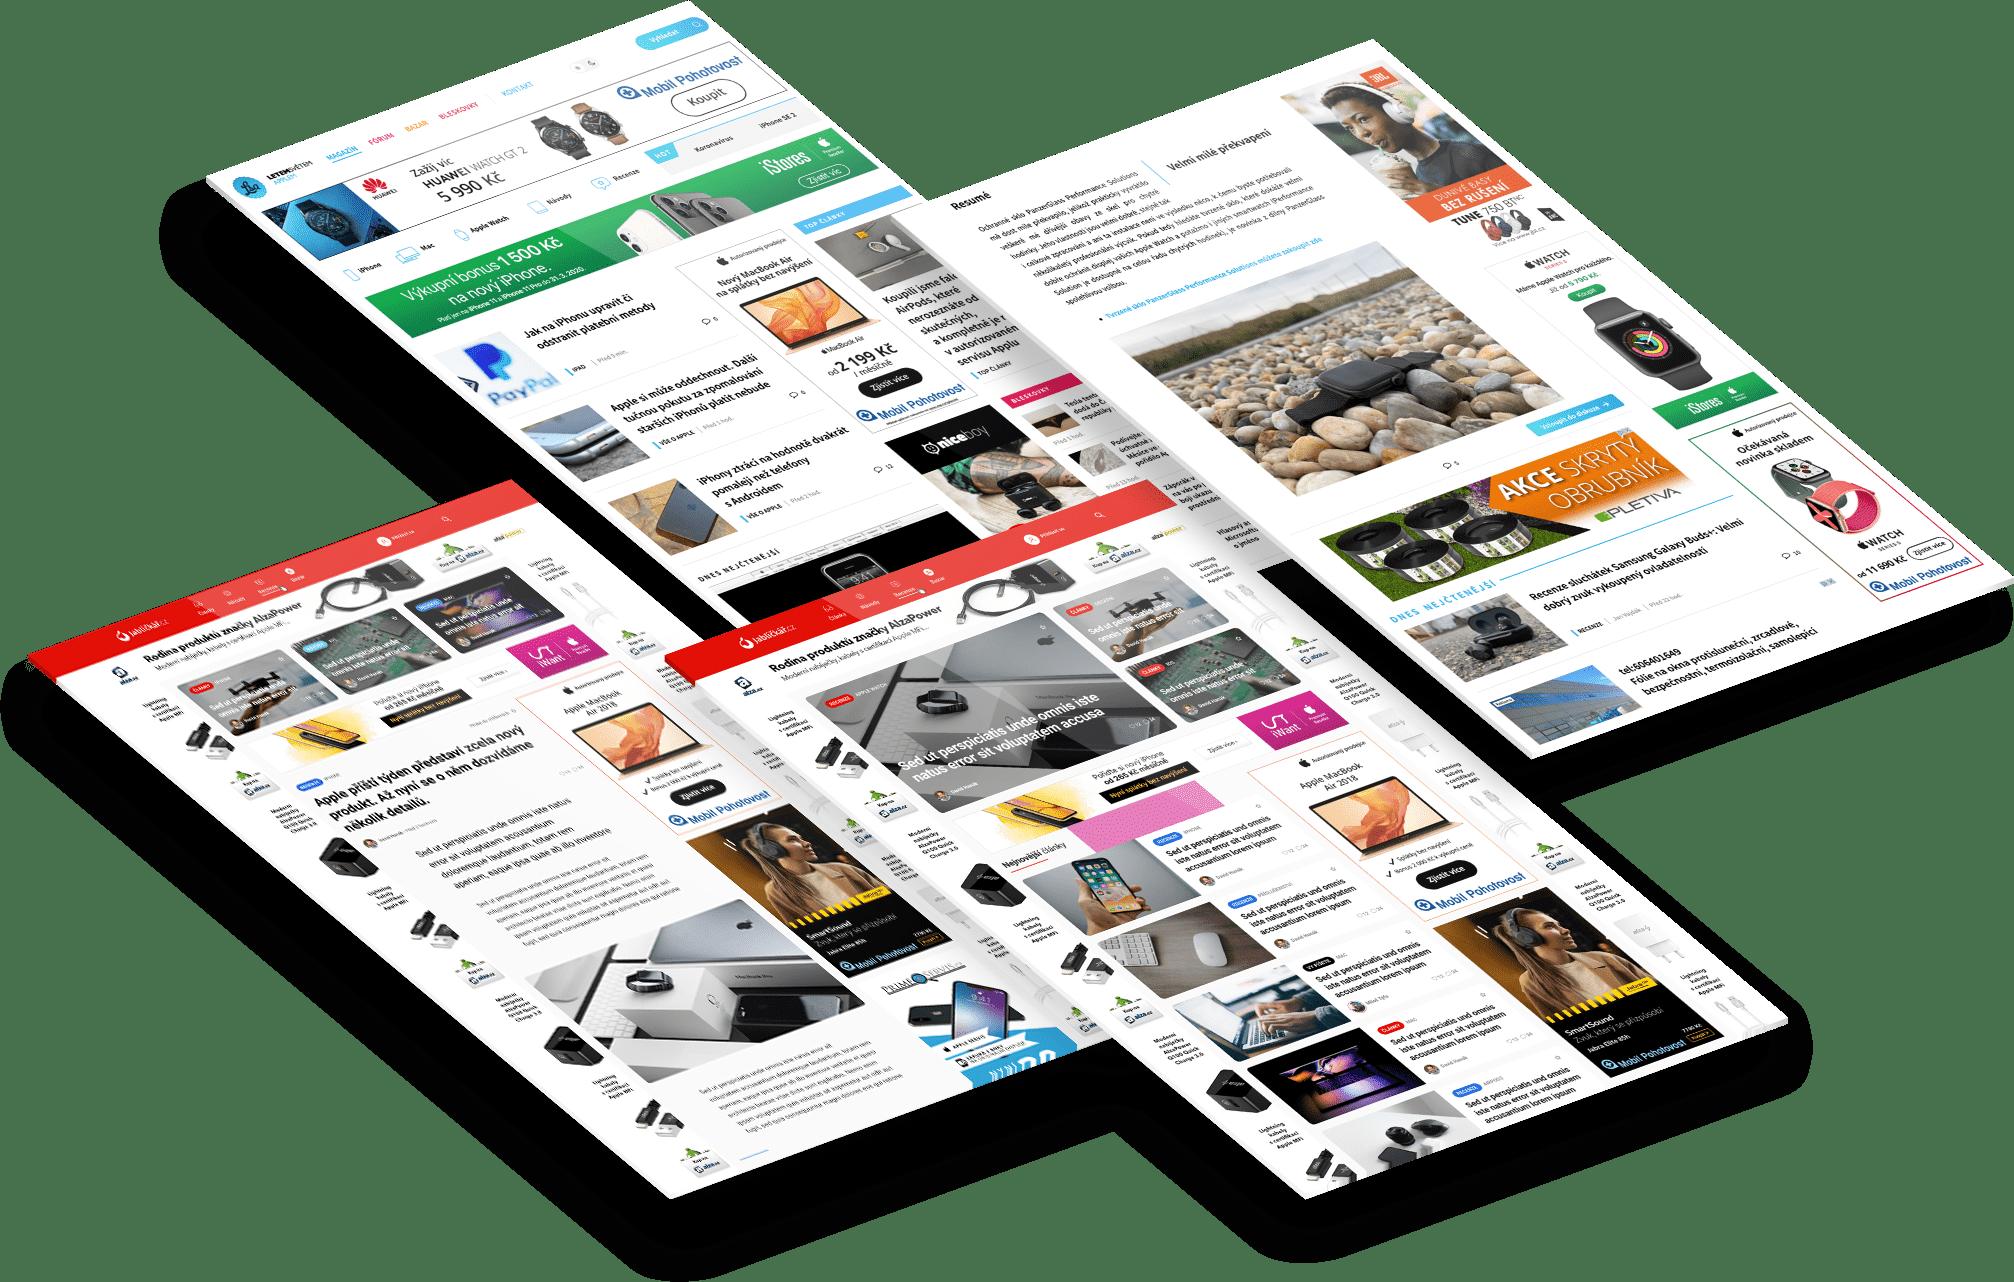 3D zobrazení webů TextFactory